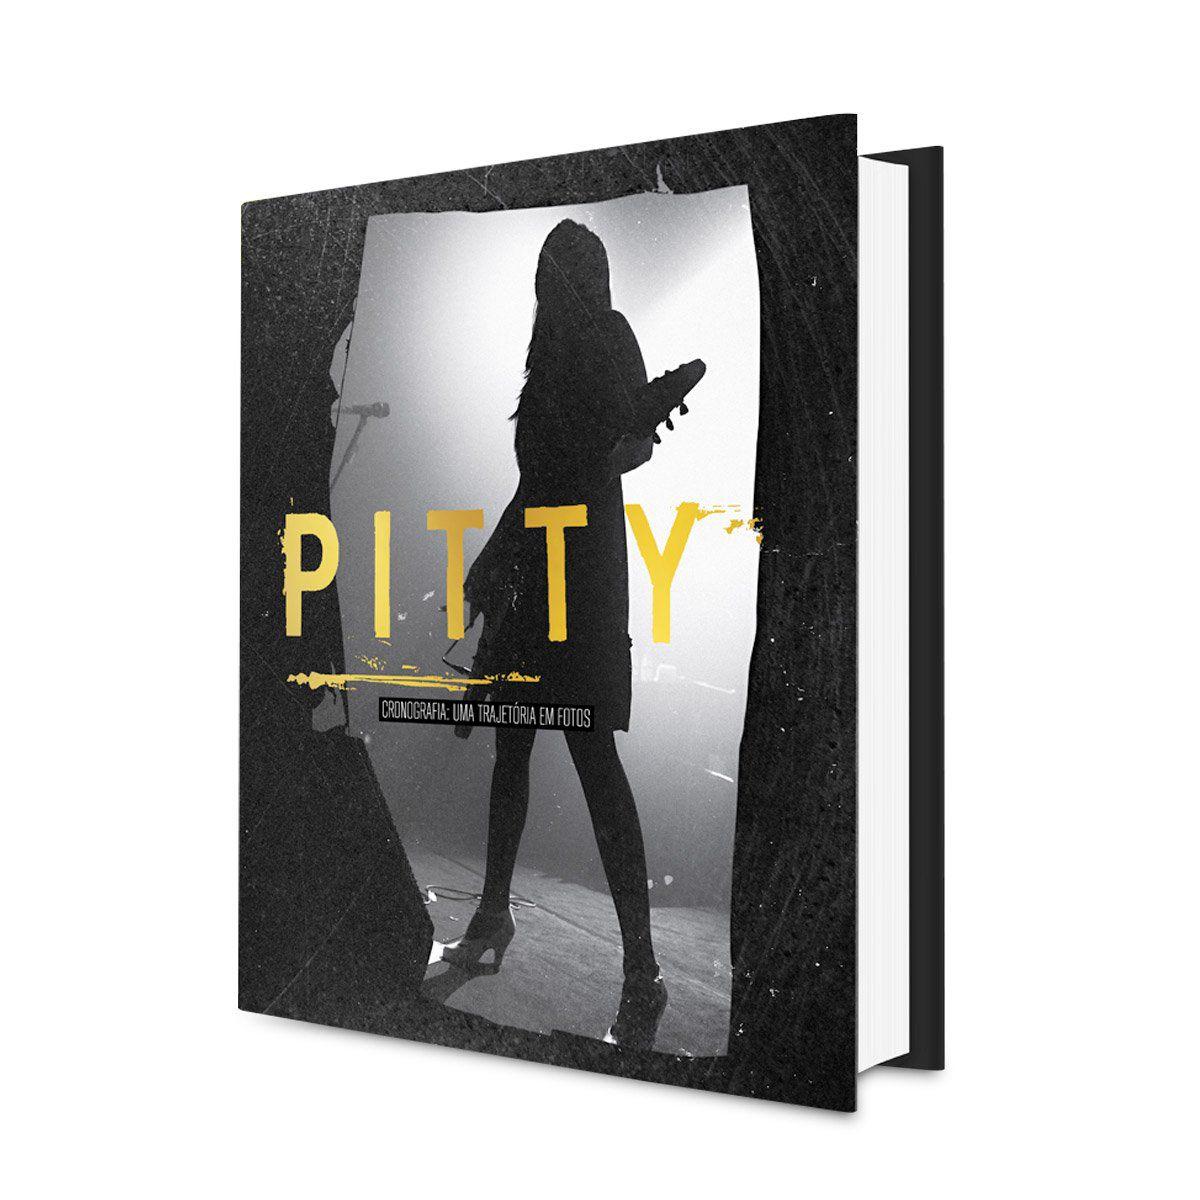 Livro Pitty Cronografia: Uma Trajetória em Fotos  - bandUP Store Marketplace